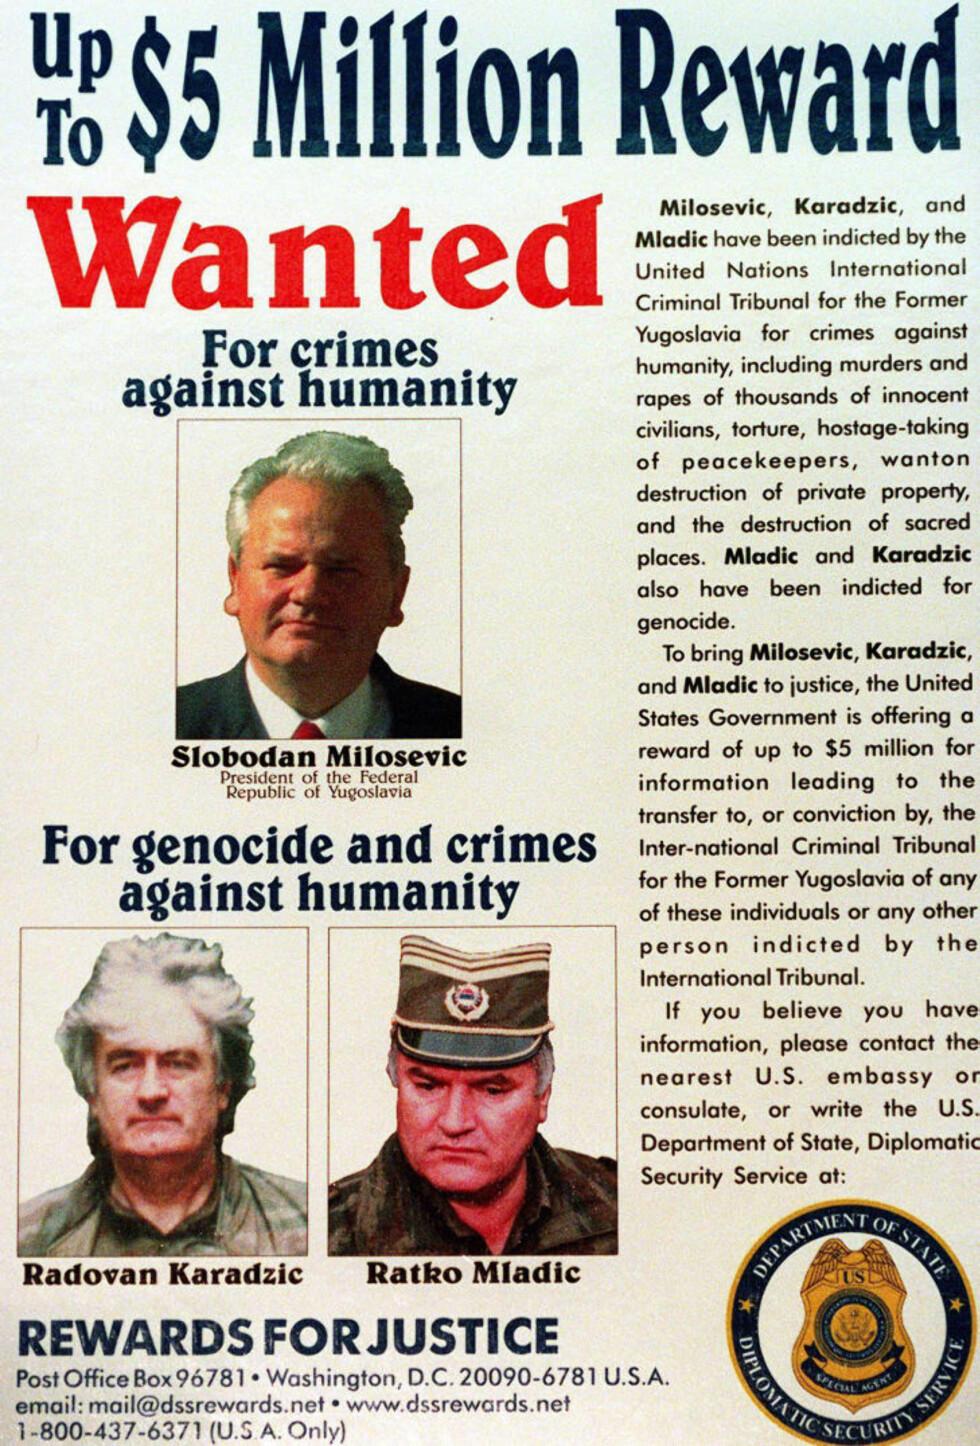 DØDELIG TREKLØVER: USA offentliggjorde den 2. mars 2000 denne plakaten, hvor de ber om hjelp til å stille dette trekløveret for retten: Den tidligere serbiske presidenten Slobodan Milosevic, Radovan Karadzic som var president for serbernes selv-proklamerte republikk i Bosnia-Hercegovina, og de bosniske serbernes hærleder general Ratko Mladic. Foto: AFP/George Bridges.